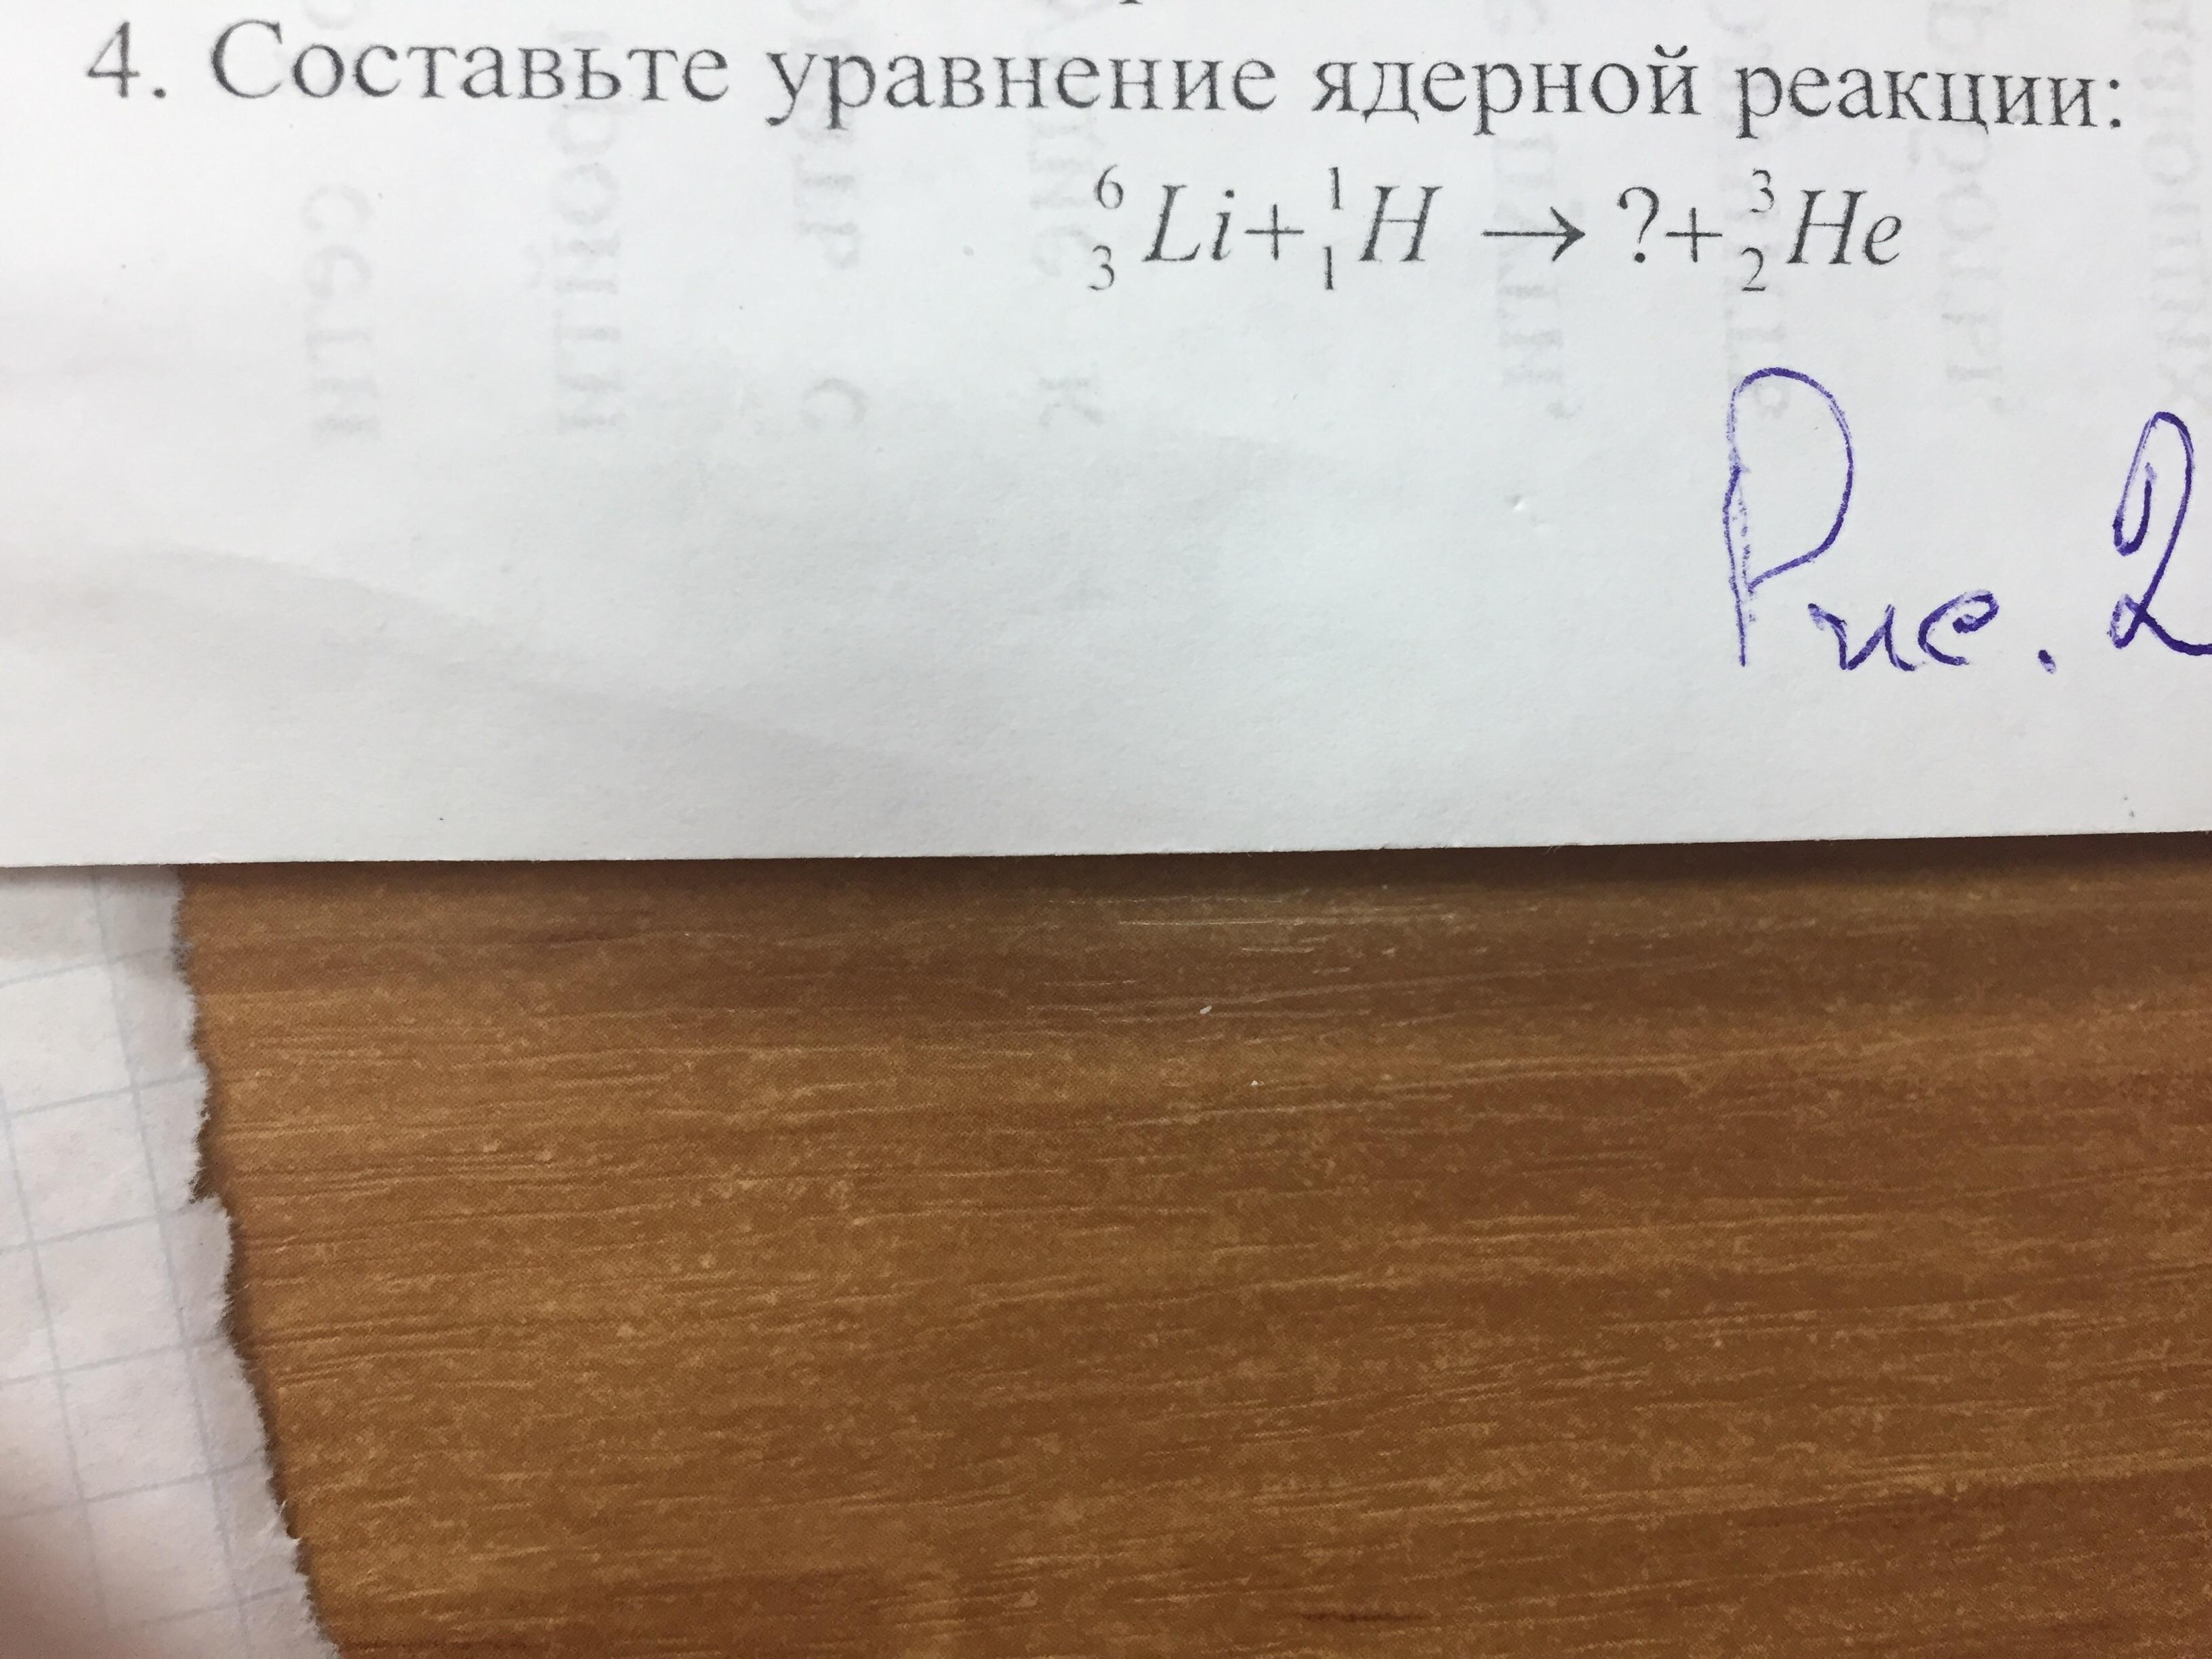 Составьте уравнение ядерной реакции. С объяснением